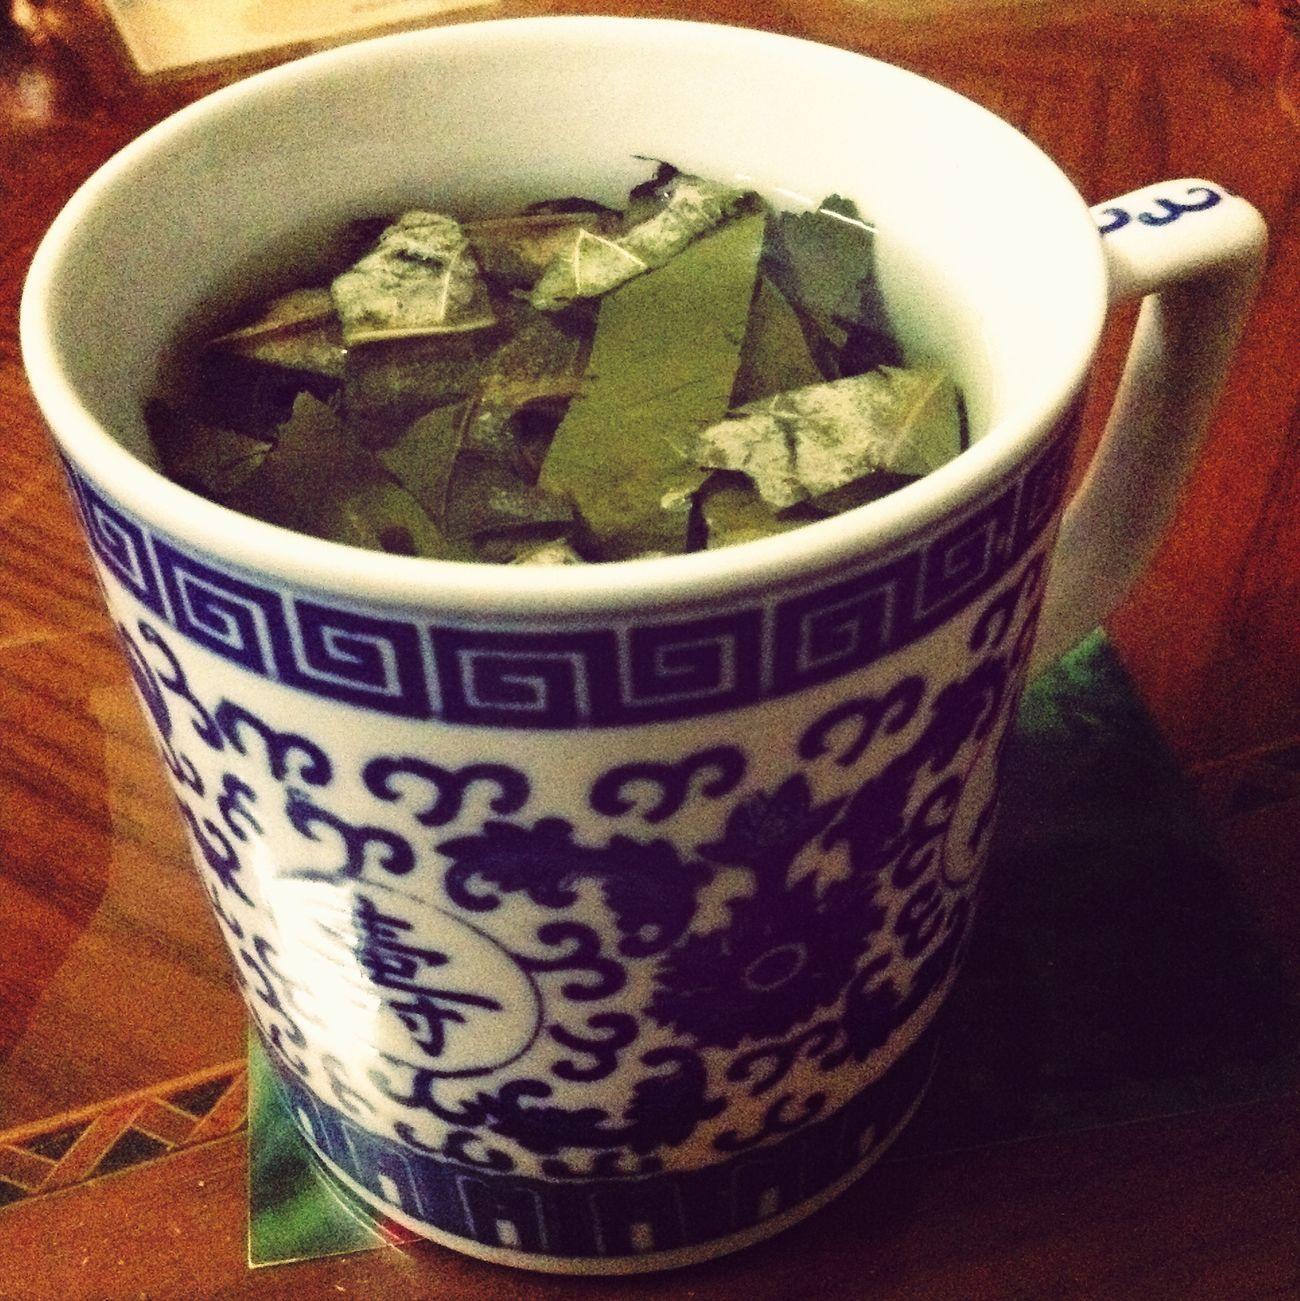 晚饭后一杯暖暖的荷叶茶~